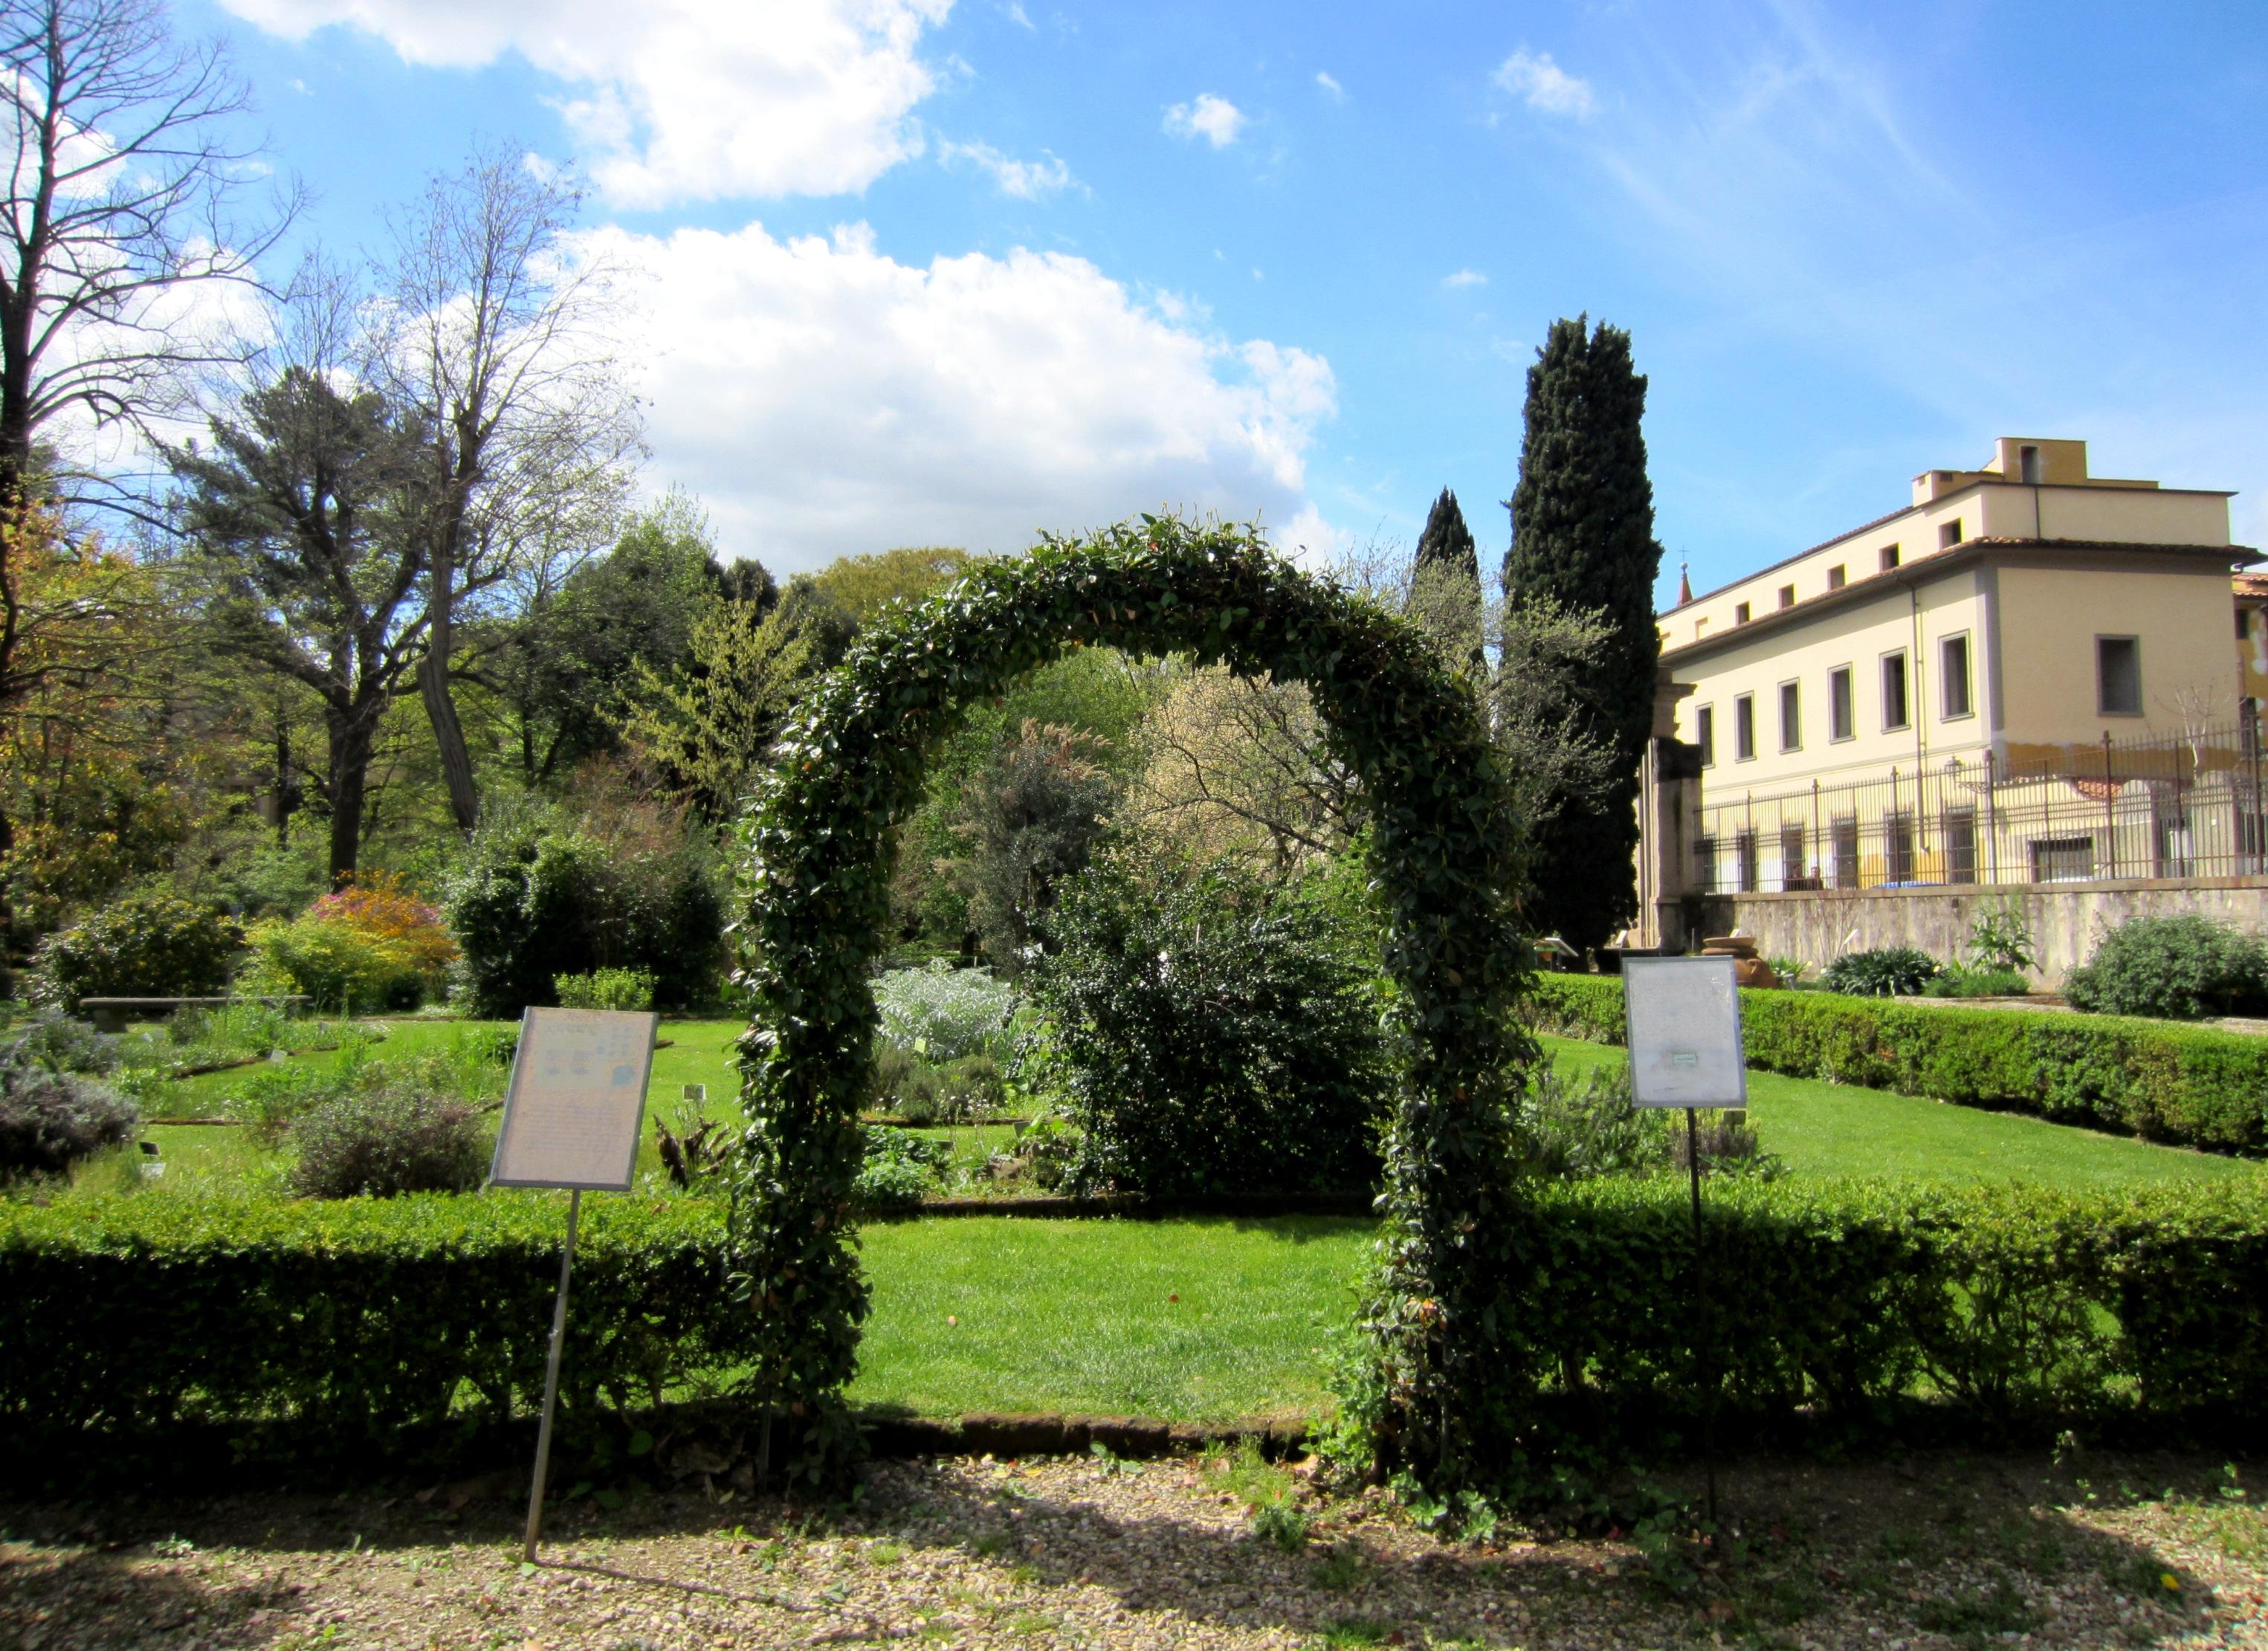 Primavera al giardino dei semplici firenze notizie for M innamorai giardino dei semplici accordi